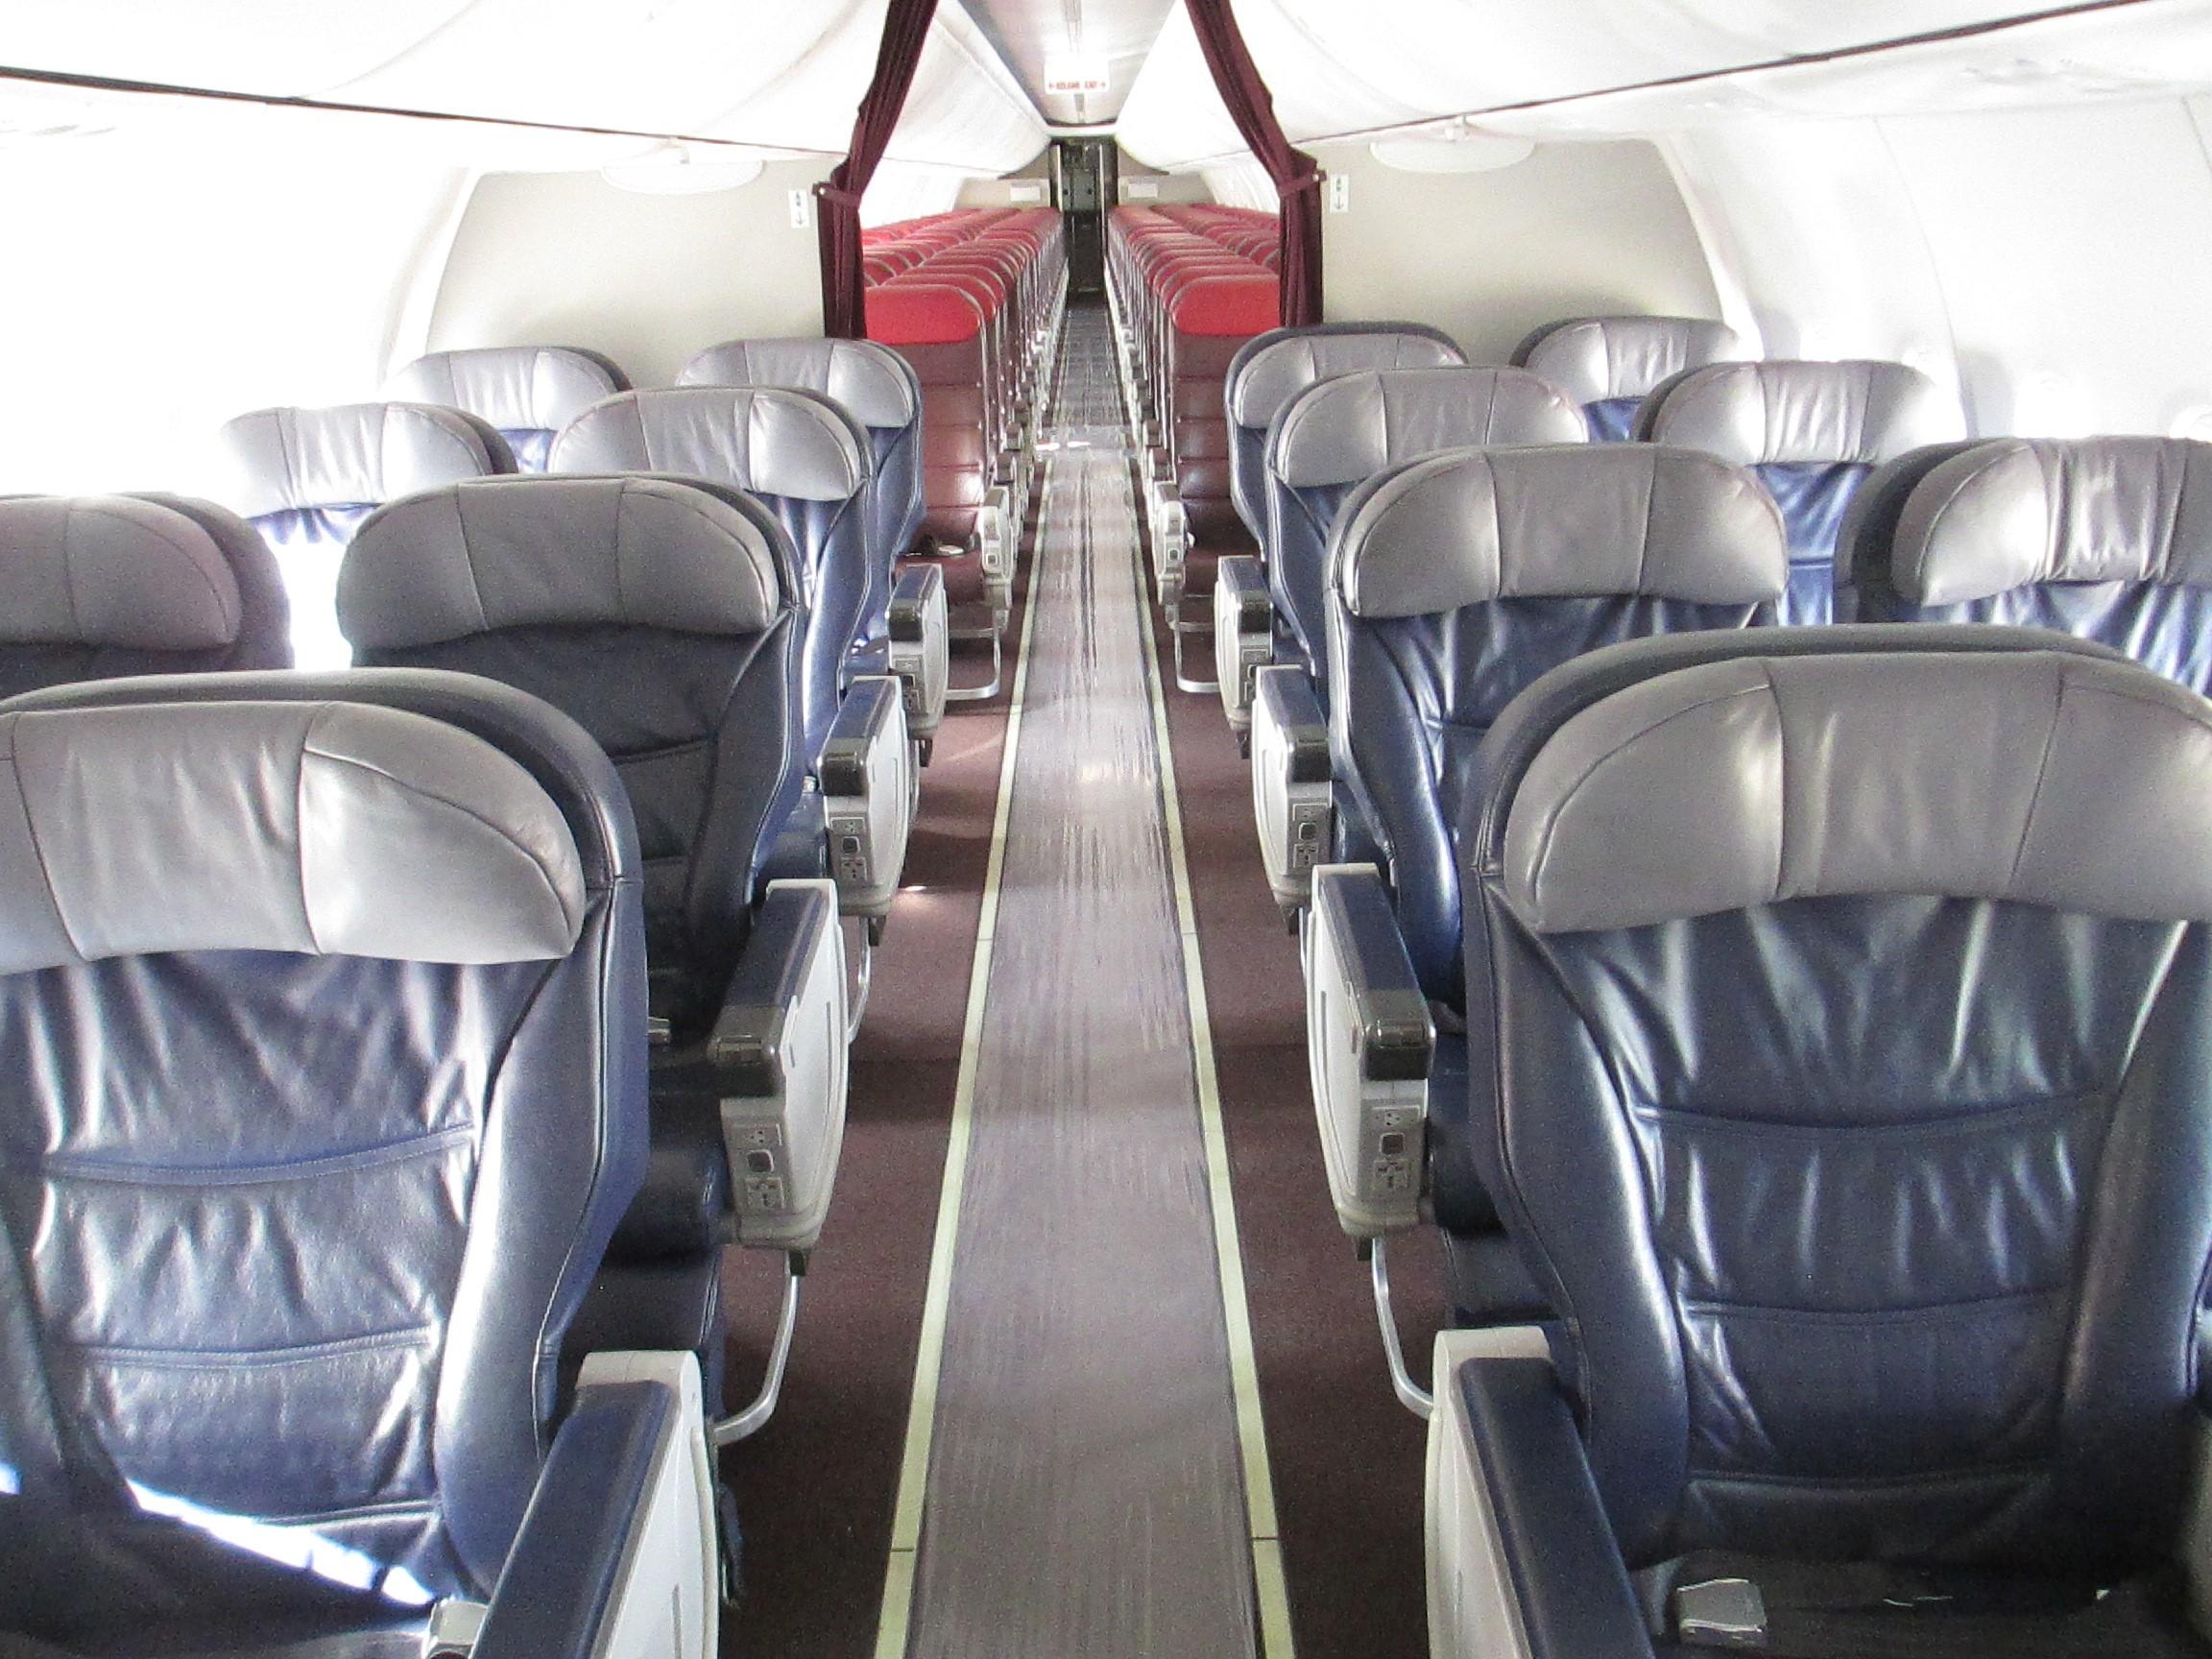 """Dăncilă anunță că TAROM va avea avioane """"noi, moderne"""". Surse: Ar fi luate de la Malaysia Airlines și au 5 ani vechime"""